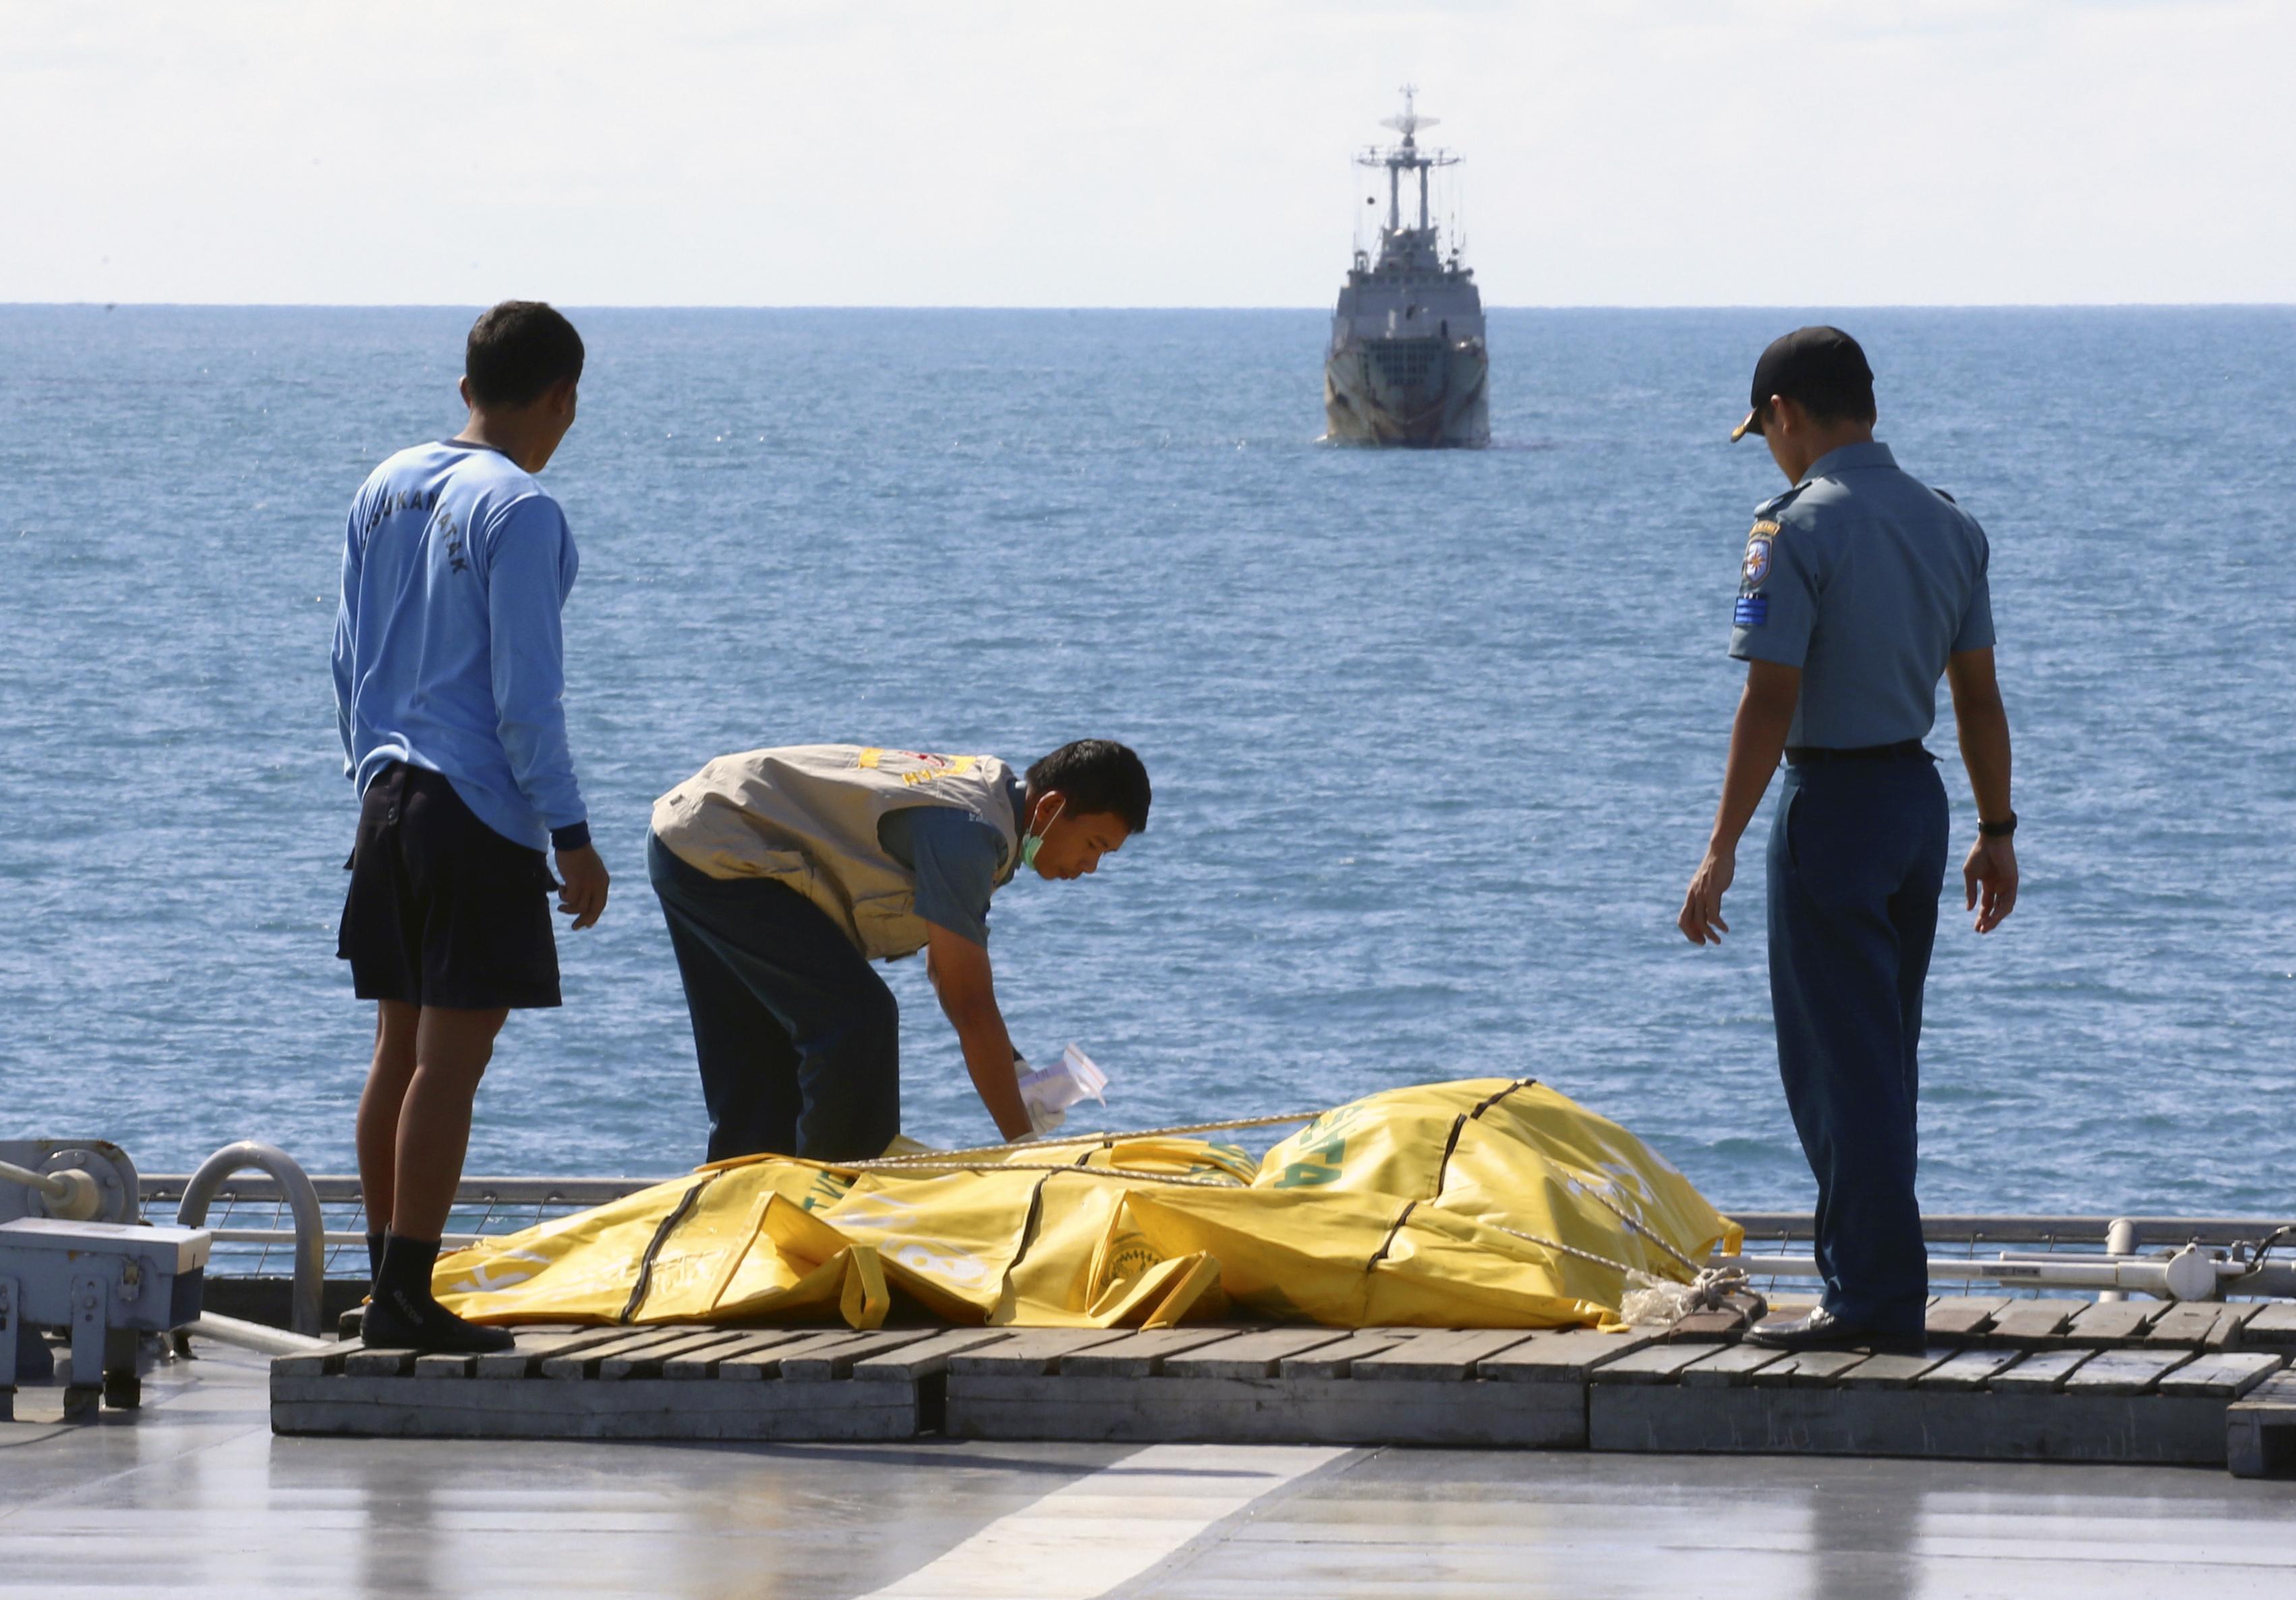 Suman 100 cuerpos rescatados por desplome de avión